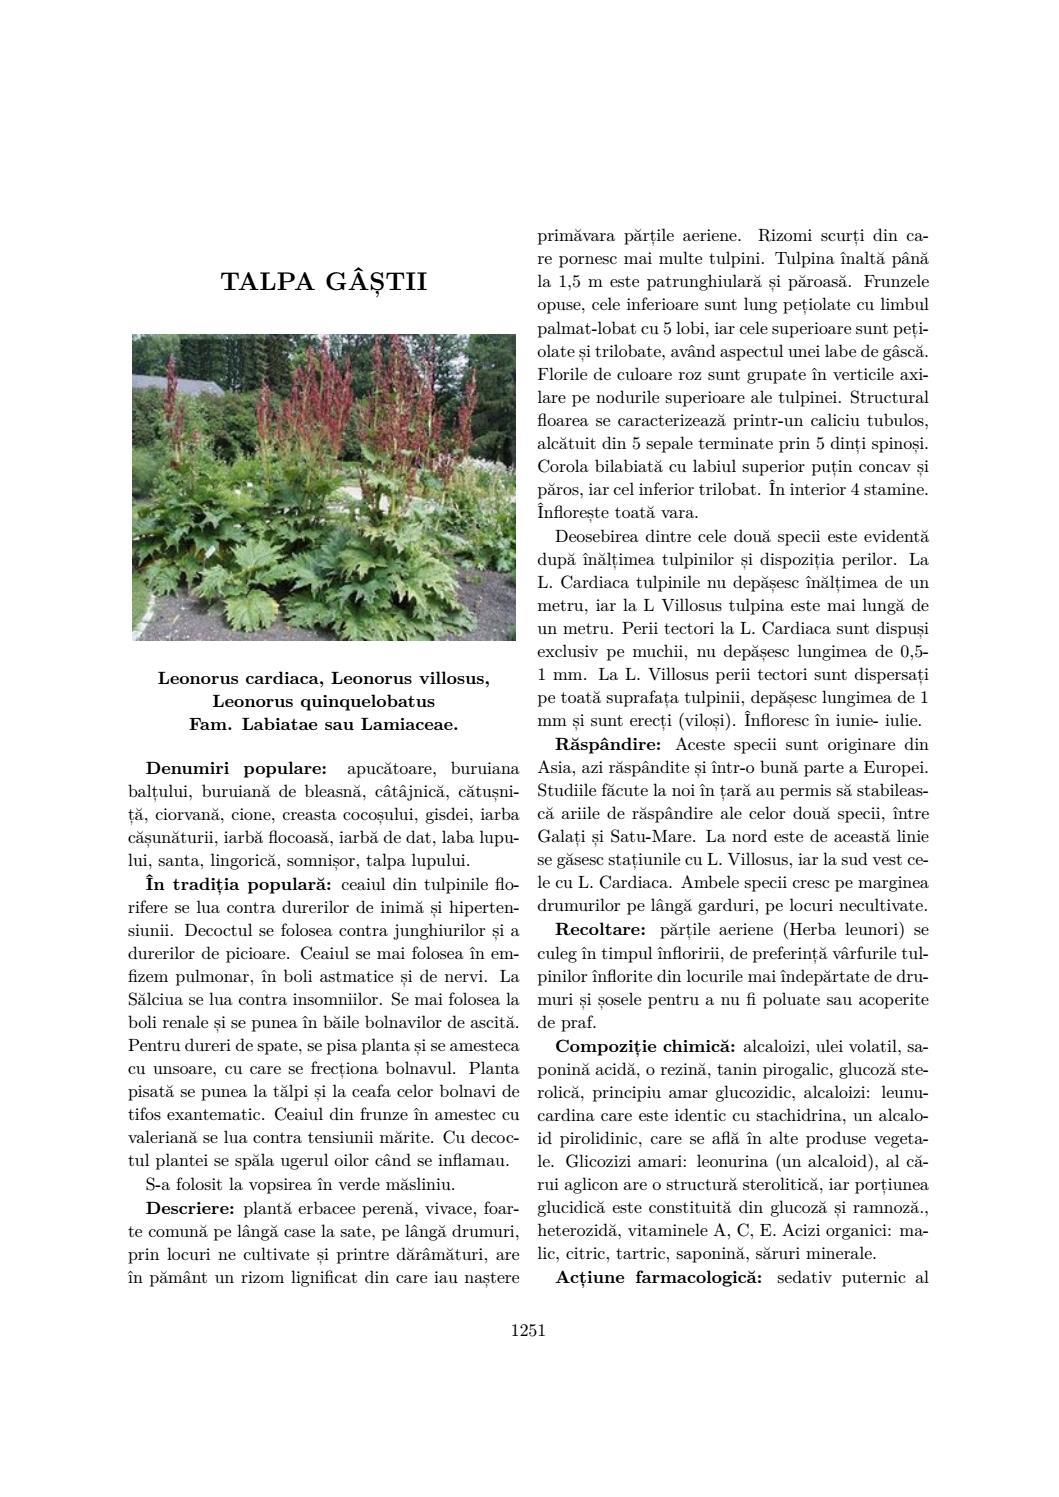 Propolisul, medicament natural: ce afecțiuni calmează - transroute.ro